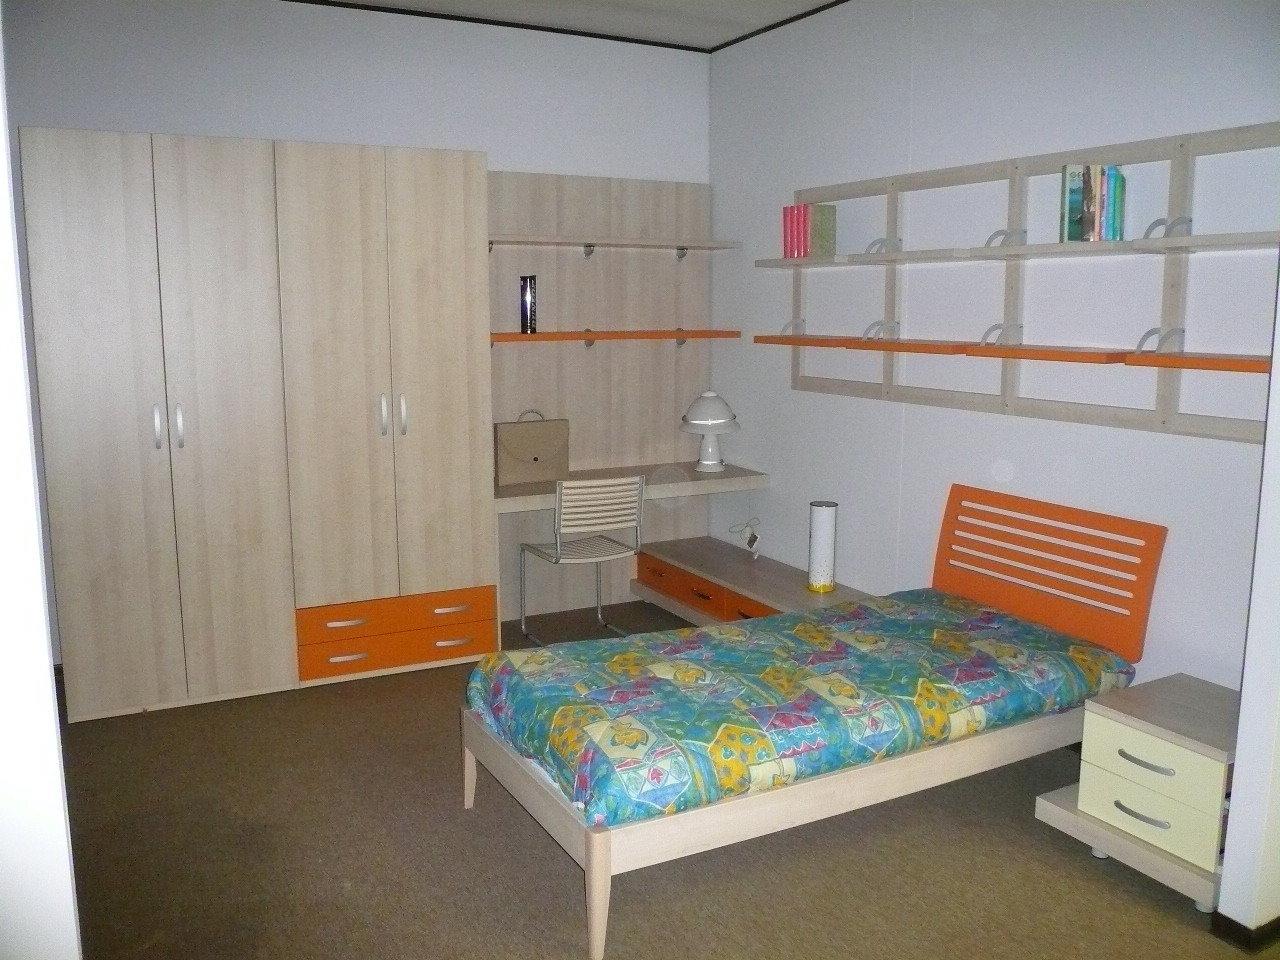 Outlet camerette neonati tappeto per cameretta tappeti for Camerette neonati offerte